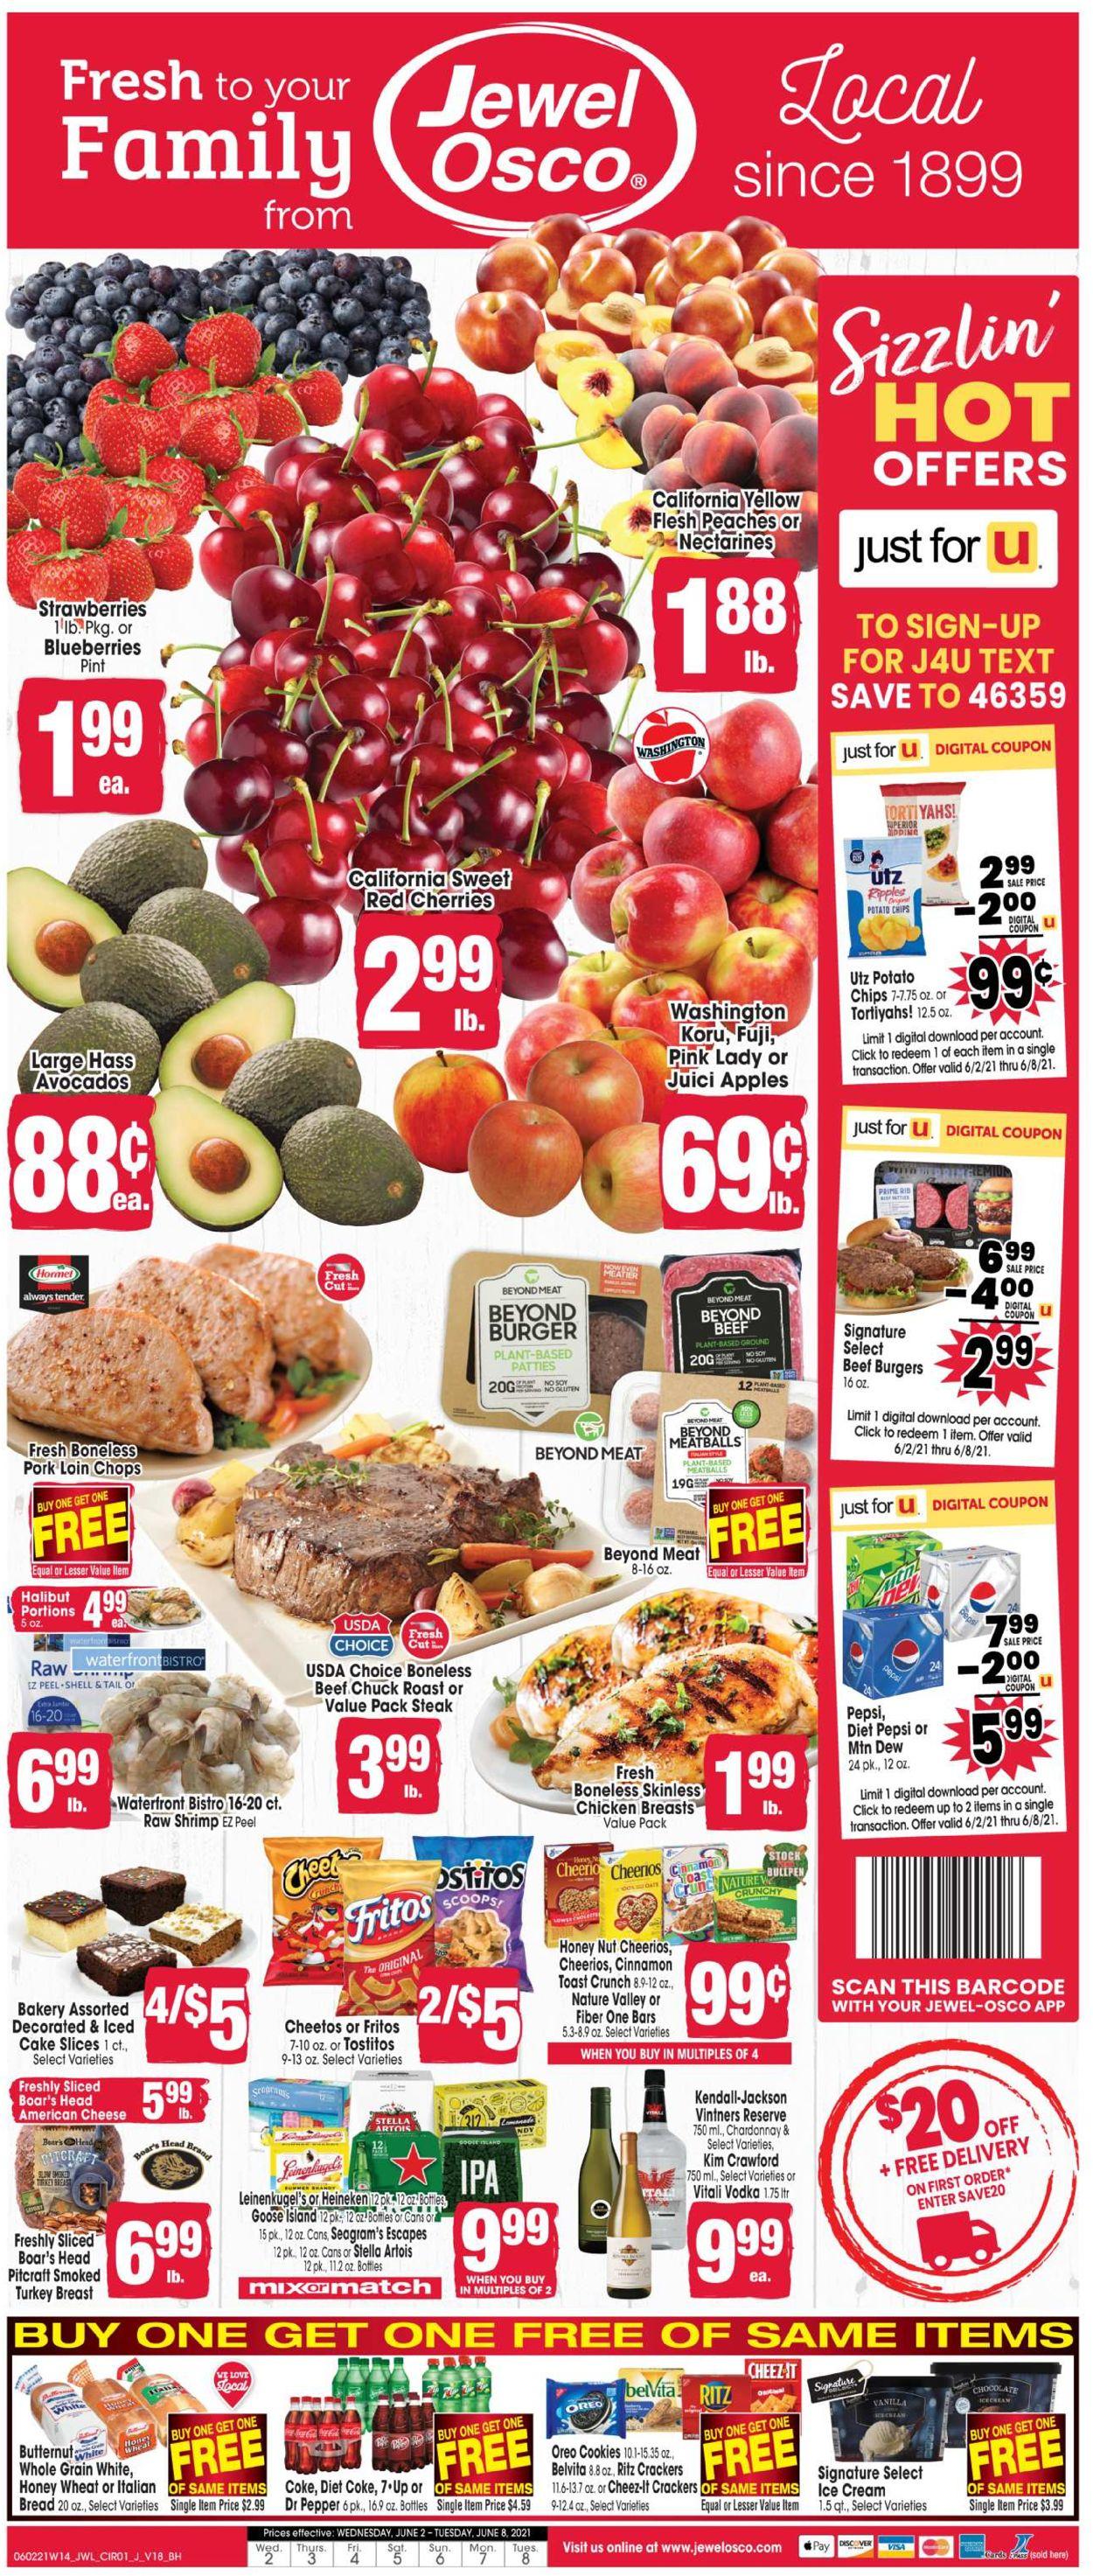 Jewel Osco Weekly Ad Circular - valid 06/02-06/08/2021